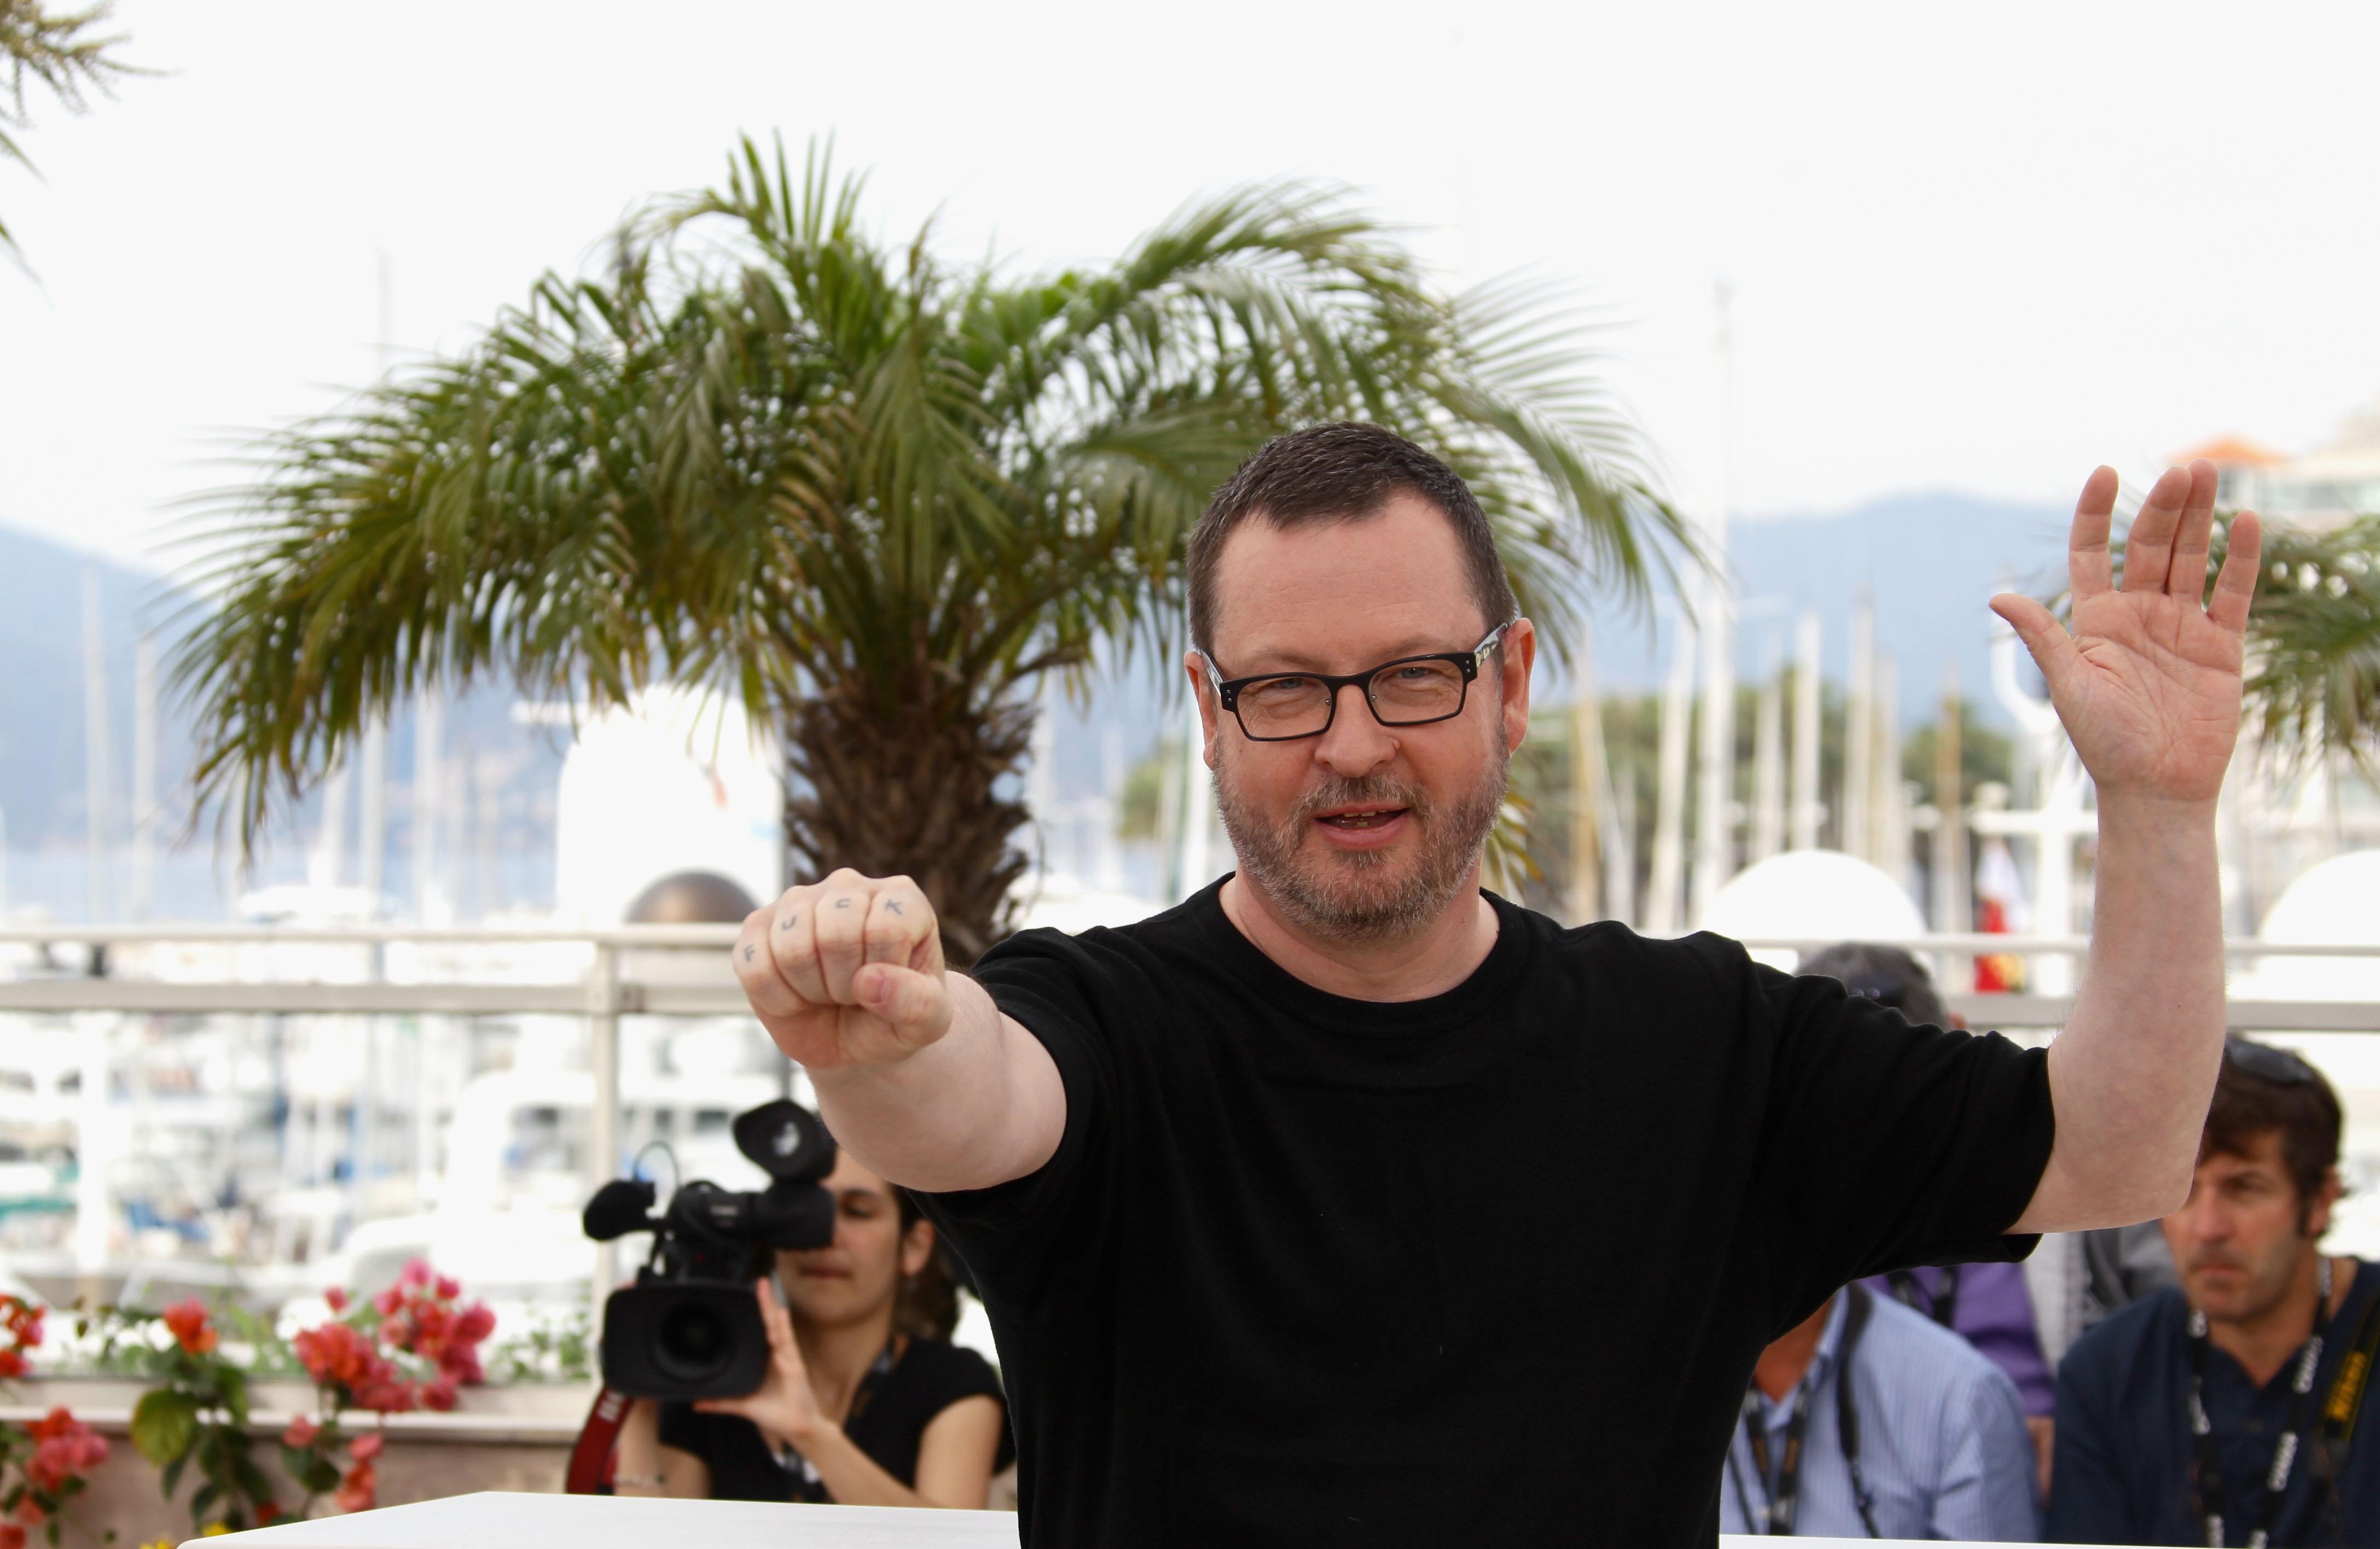 Ларс Фон Триер на Каннском кинофестивале в 2011 году